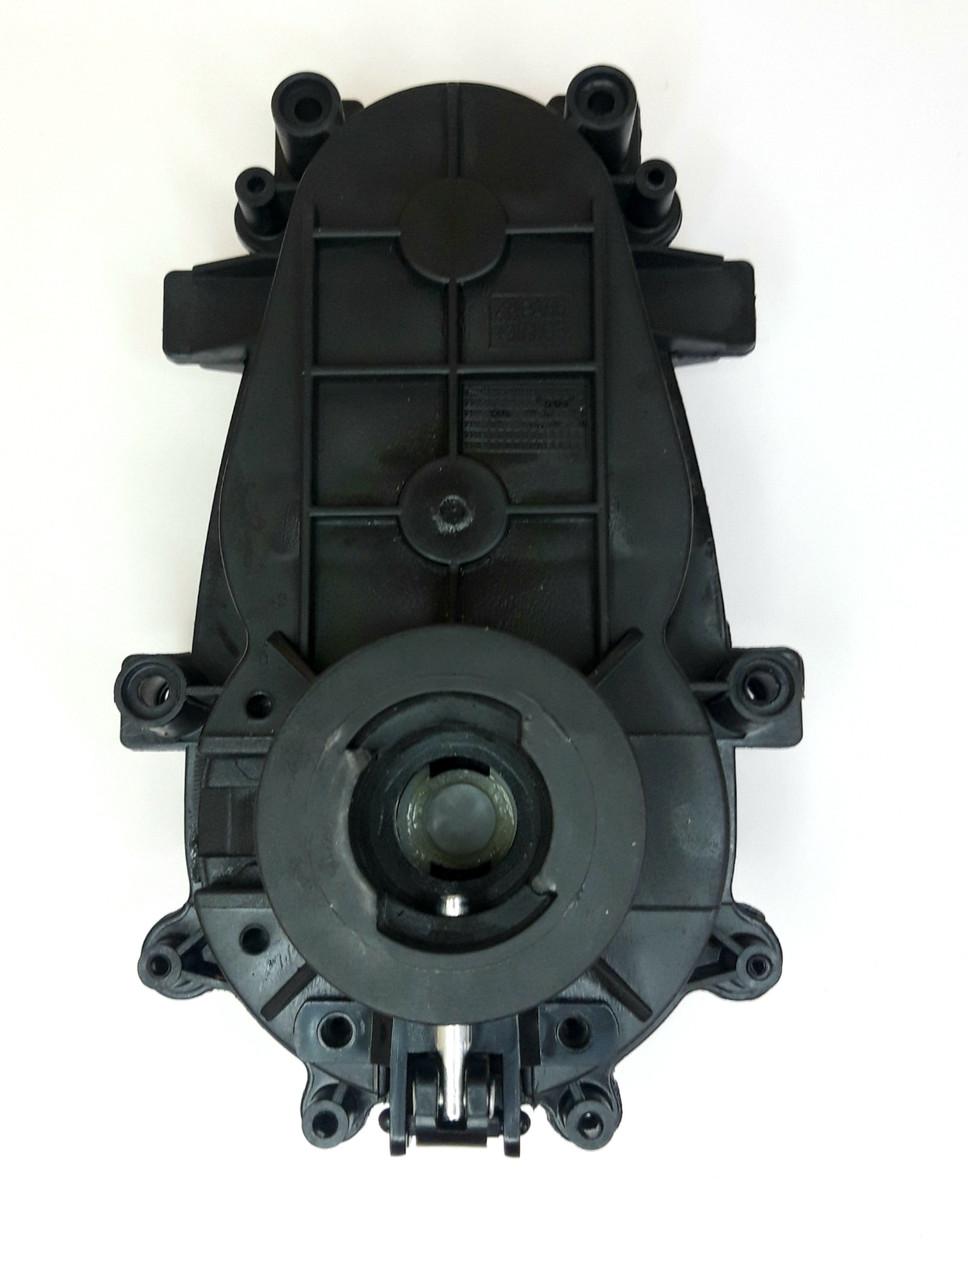 Корпус редуктора мясорубки Aicok MG2430RB ,Grunhelm AMG180 , Moulinex HV1 оригинал